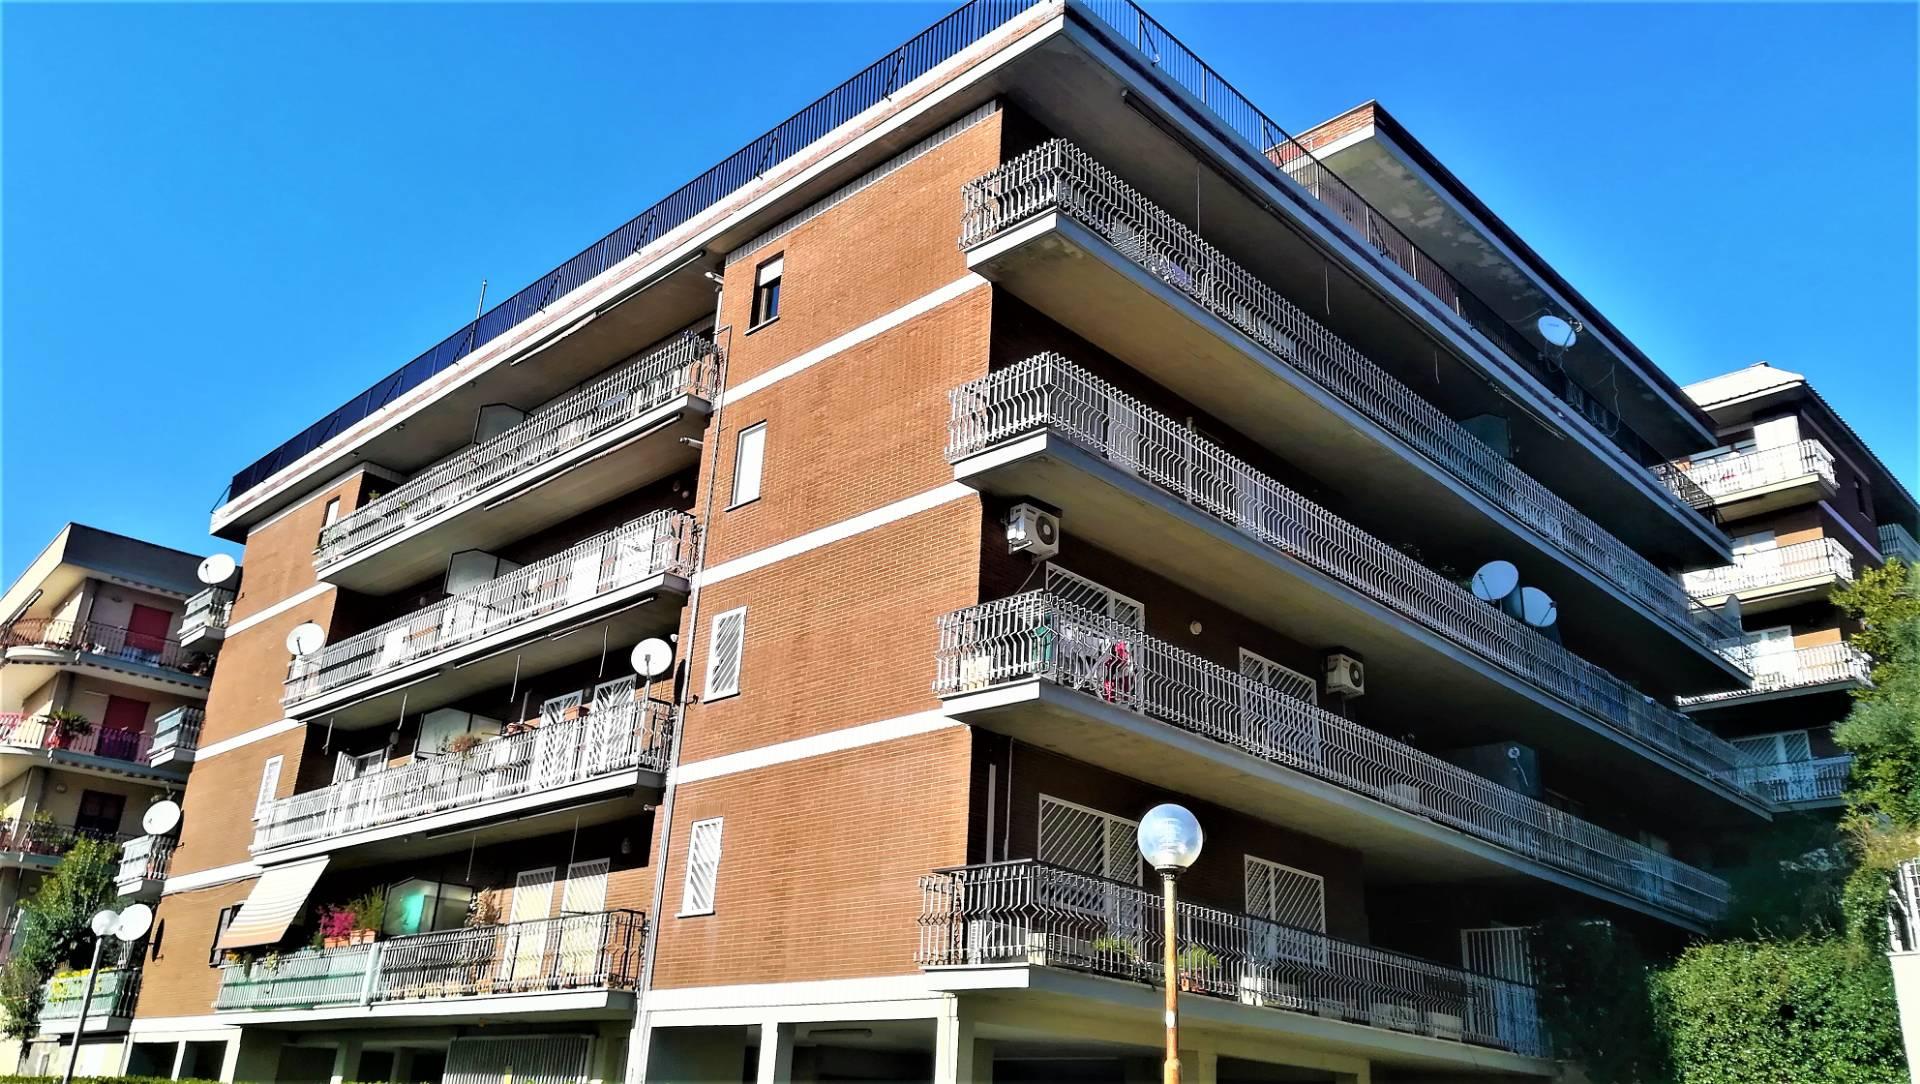 Cbi049 235 at1462 appartamento in affitto a monterotondo for Affitto ufficio monterotondo